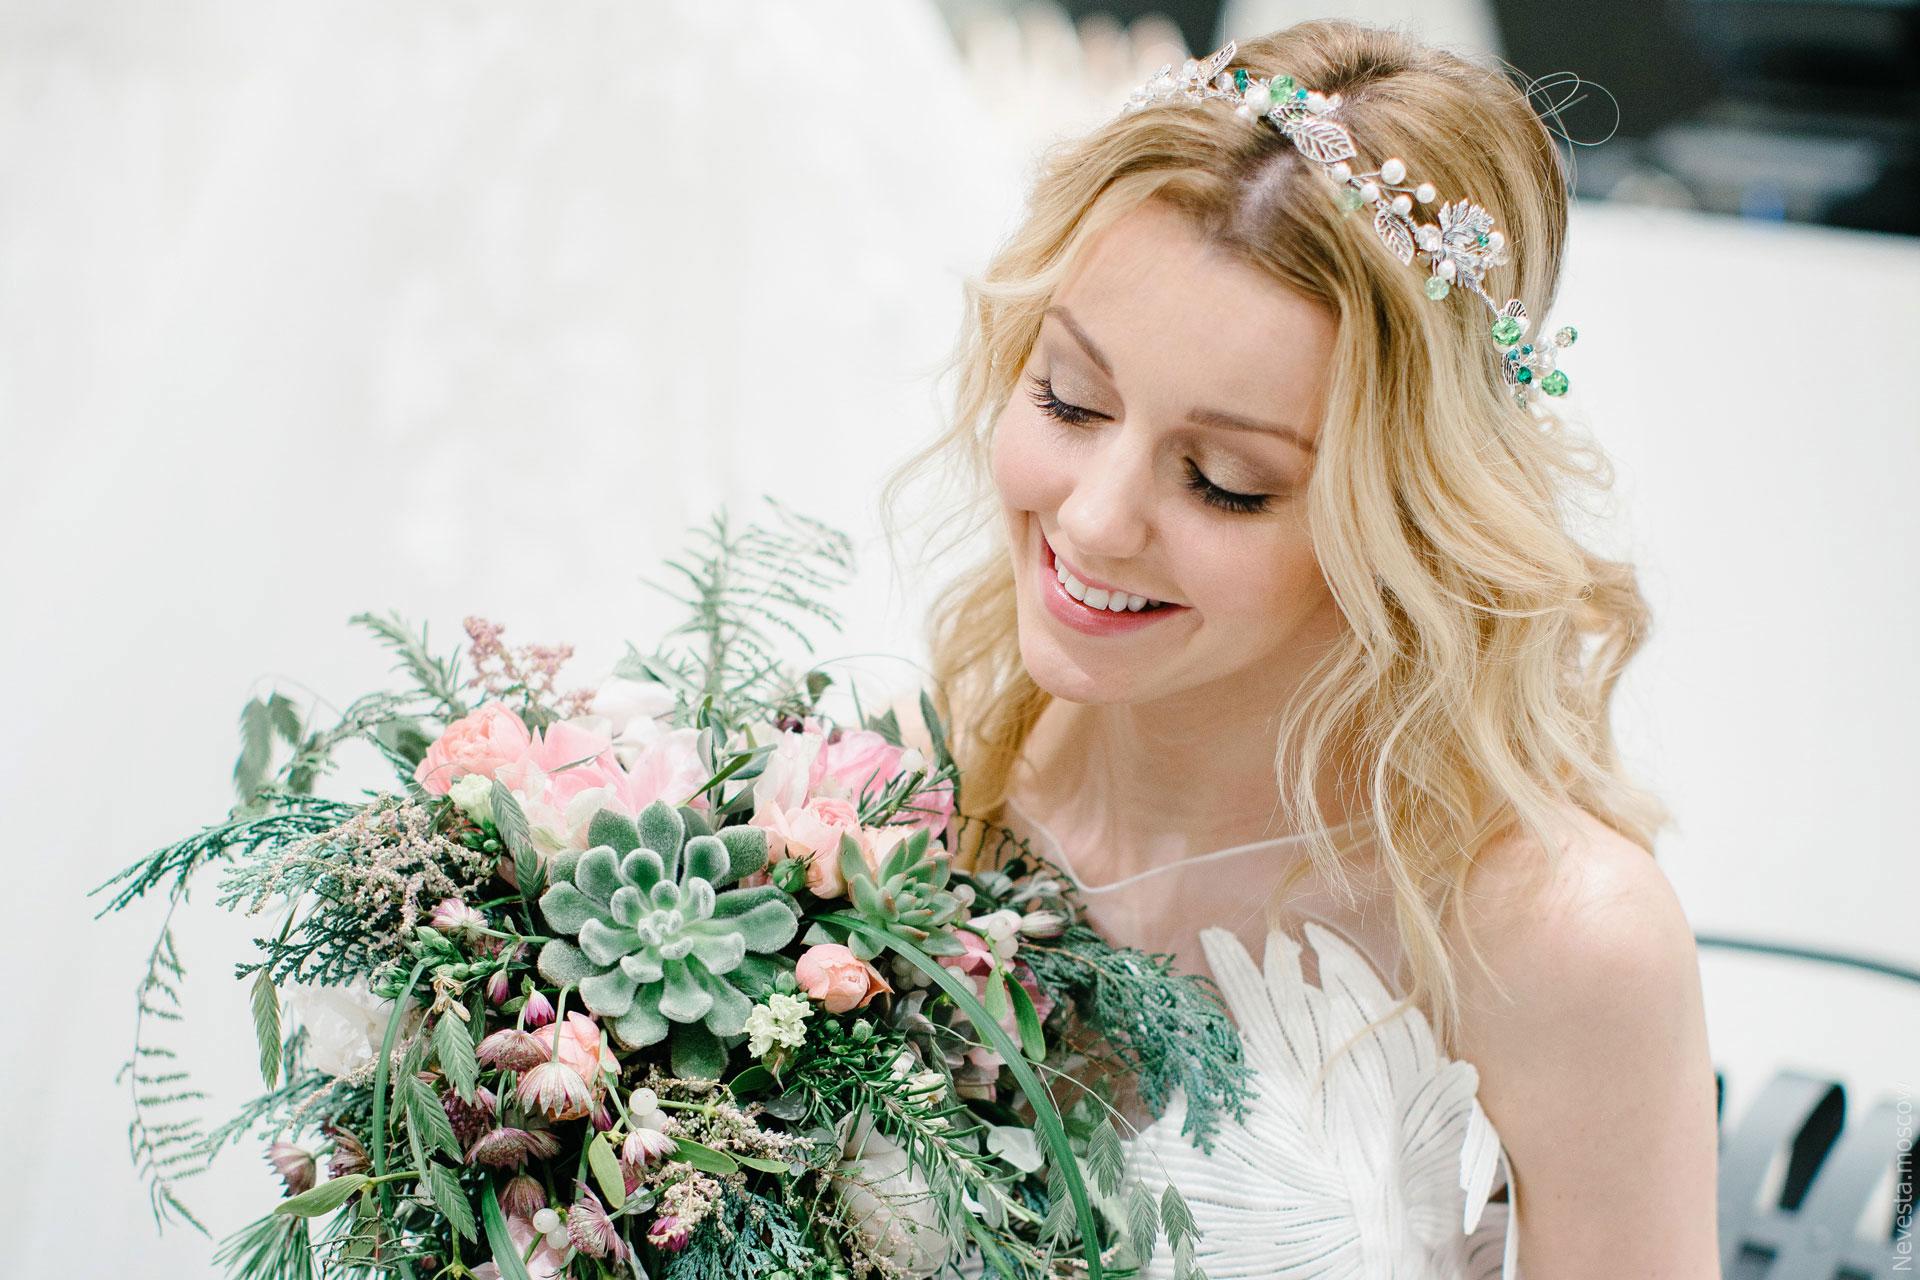 Юлианна Караулова примеряет образ для весенней свадьбы фото 10